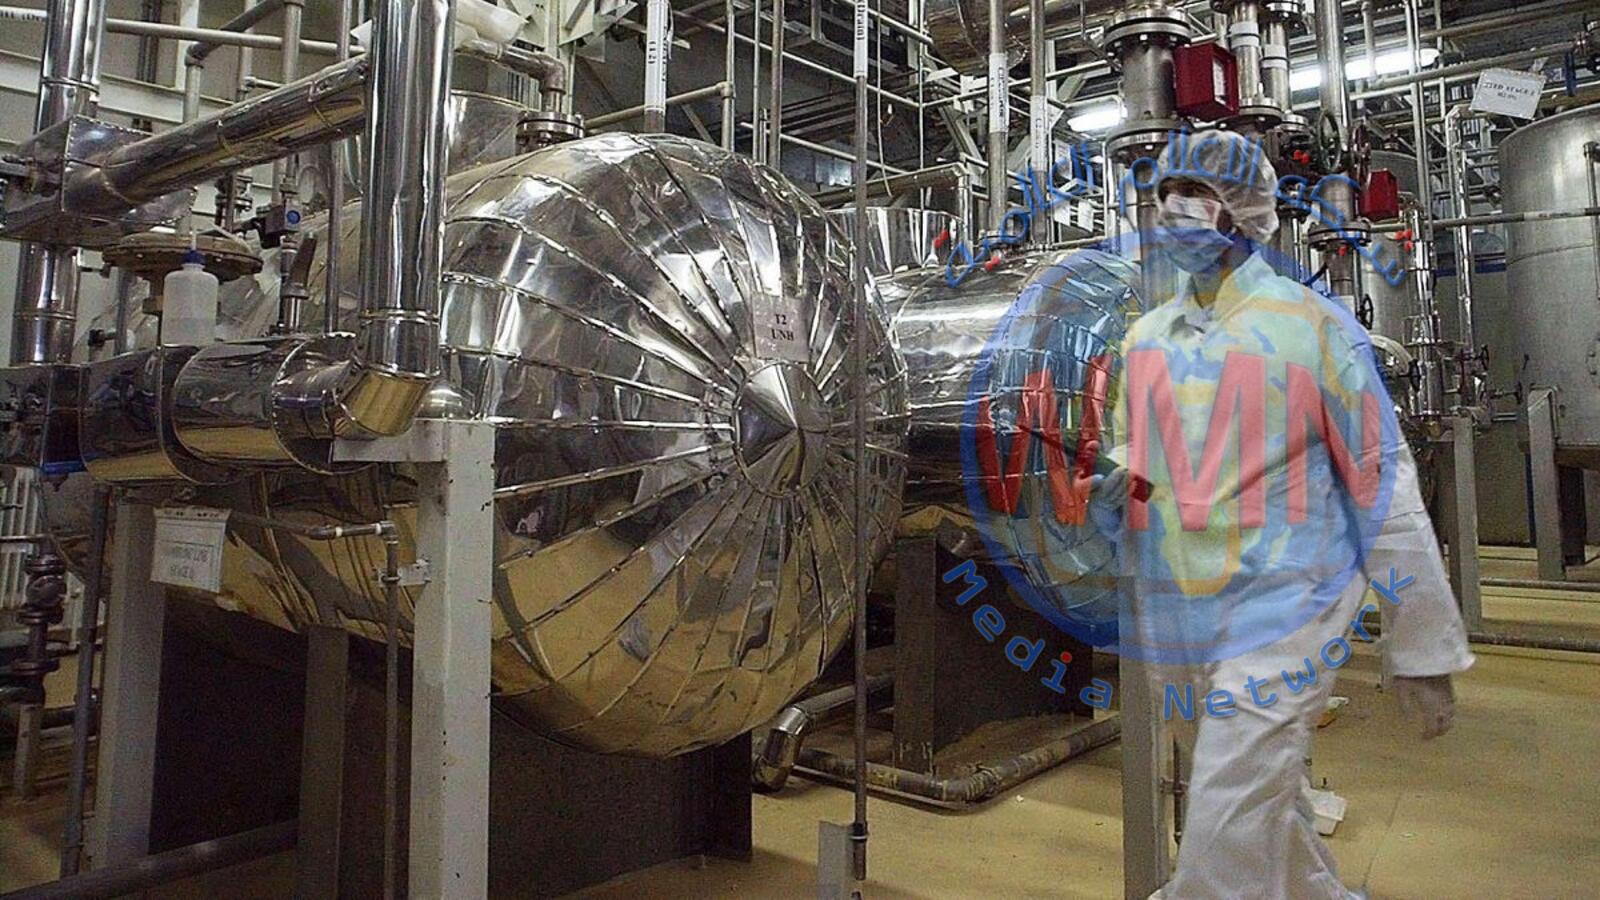 إيران تستأنف تخصيب اليورانيوم في منشأة فوردو وتلغي اعتماد مفتشة دولية